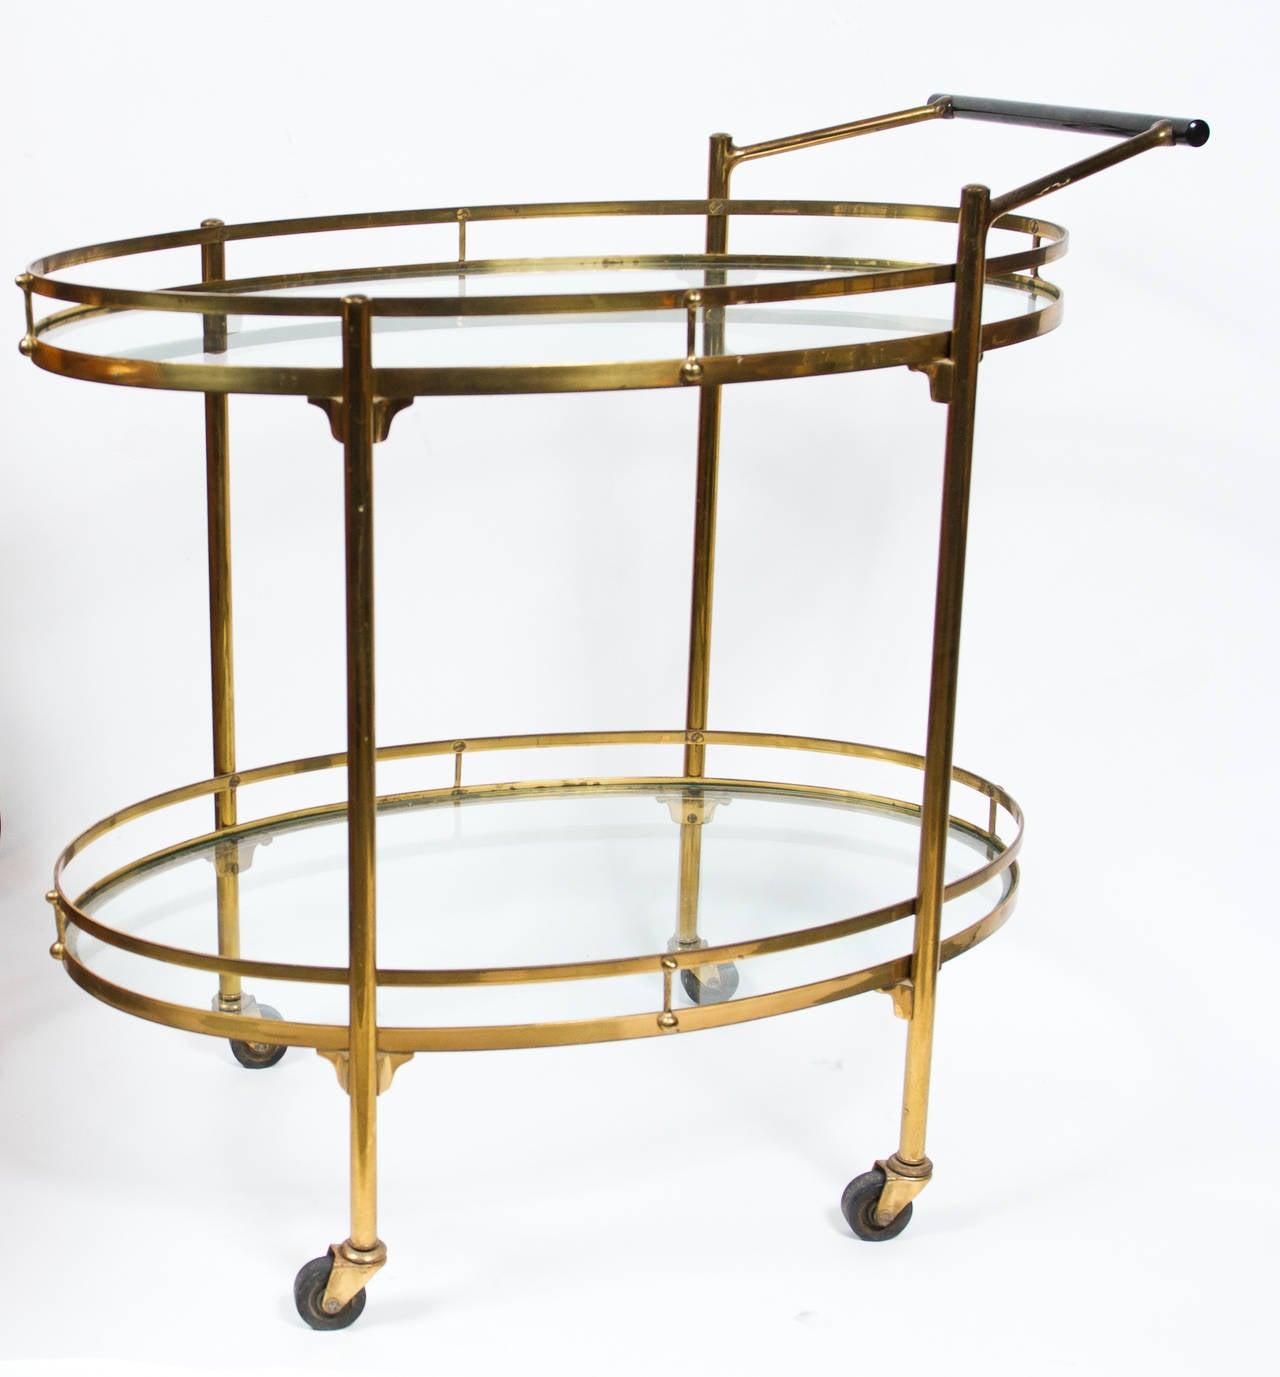 elegant 1950s italian brass bar cart for sale at 1stdibs. Black Bedroom Furniture Sets. Home Design Ideas